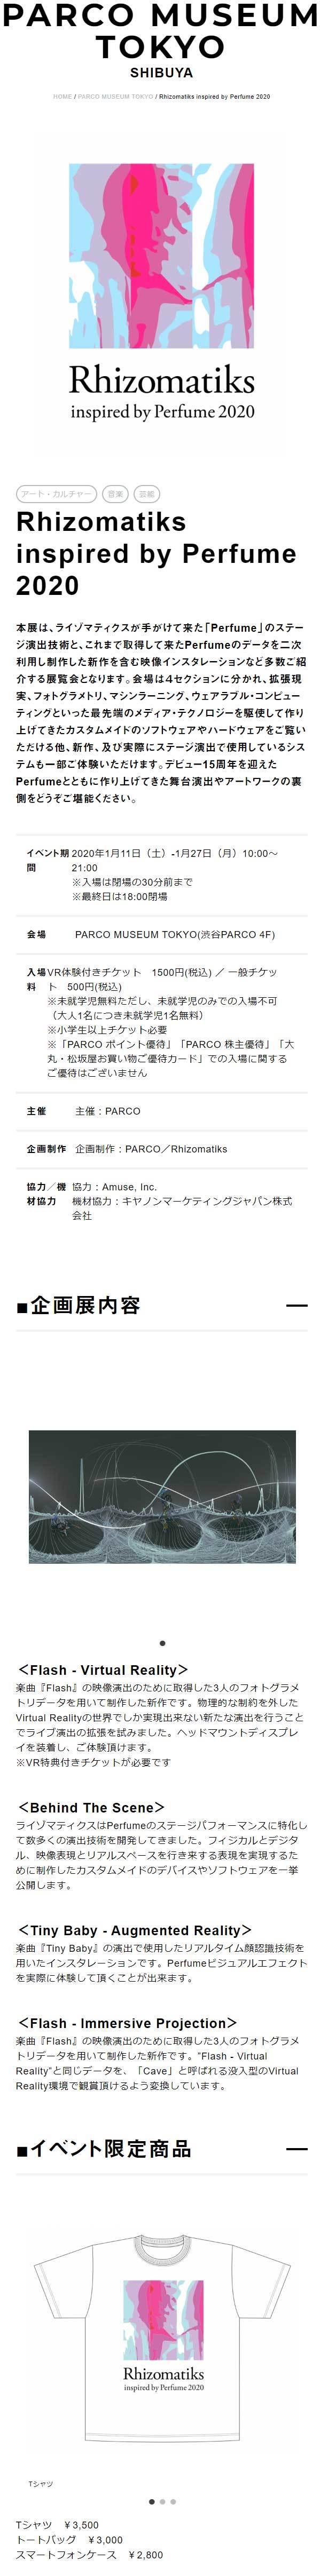 200110_01.jpg